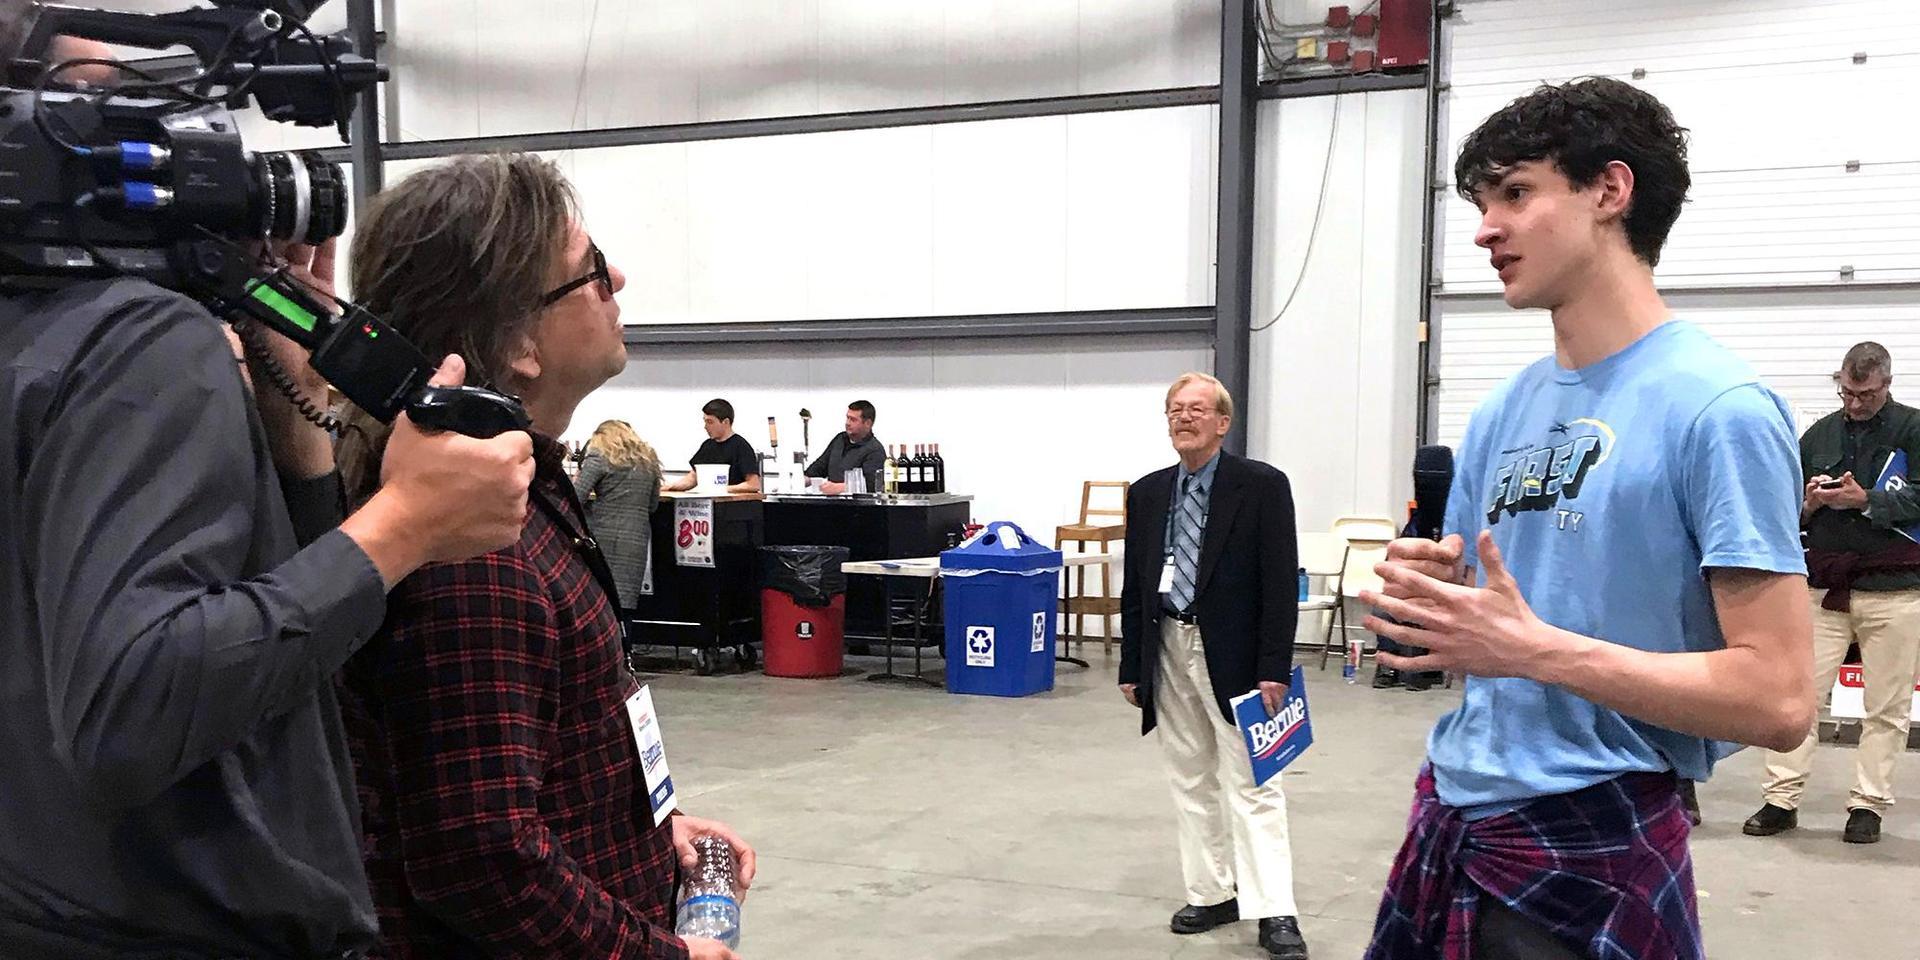 在政治集会上接受采访的学生.